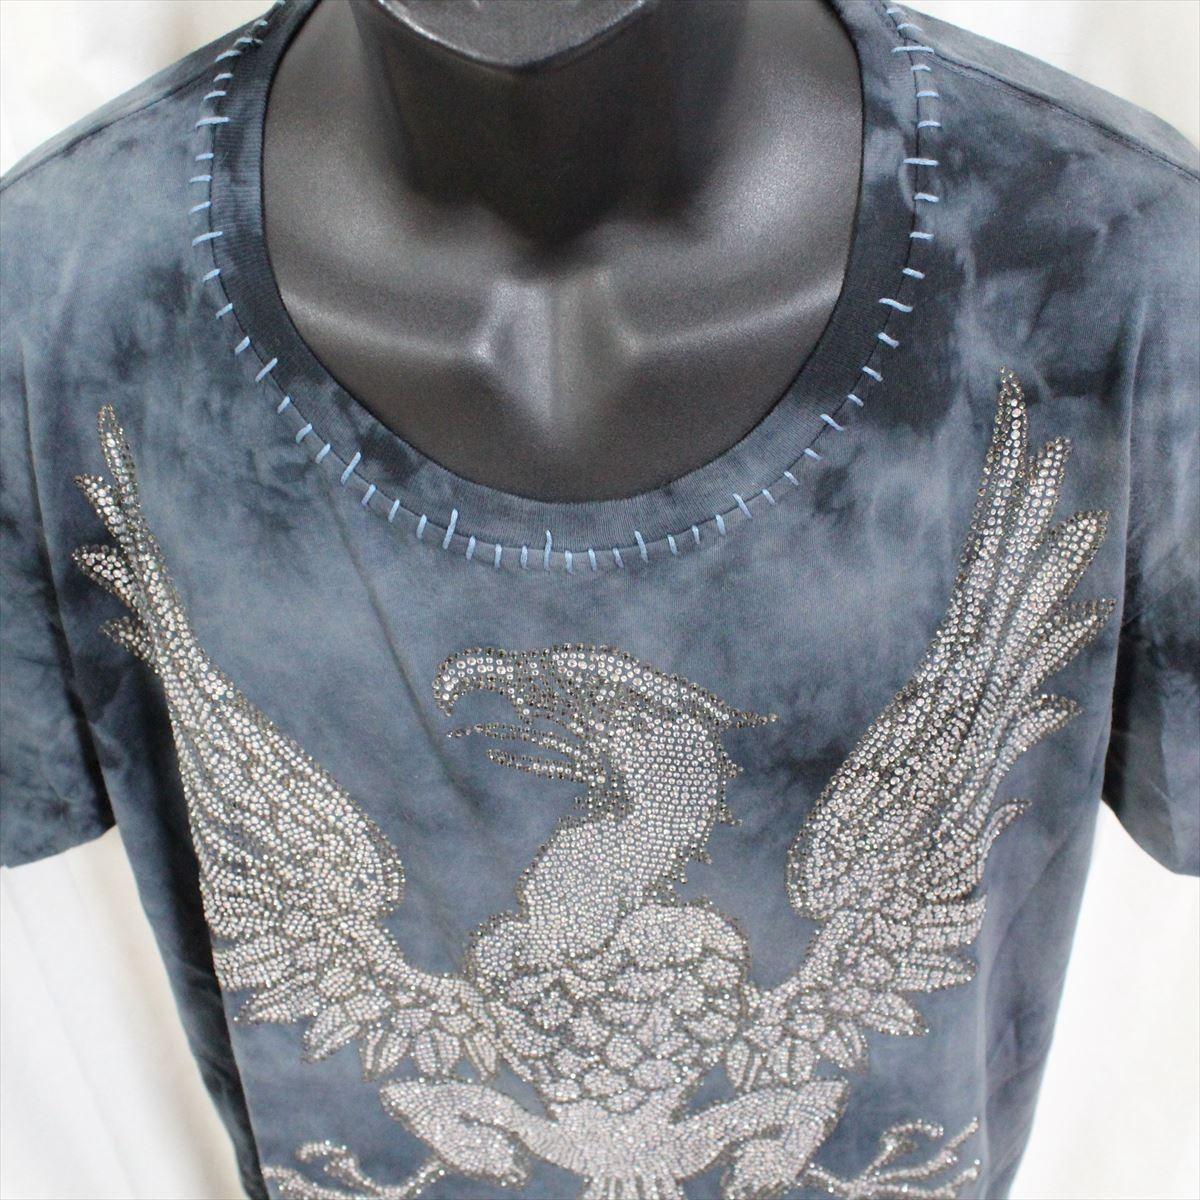 アイコニック Iconic Couture メンズ半袖Tシャツ ネイビー 新品 紺 アメリカ製_画像3